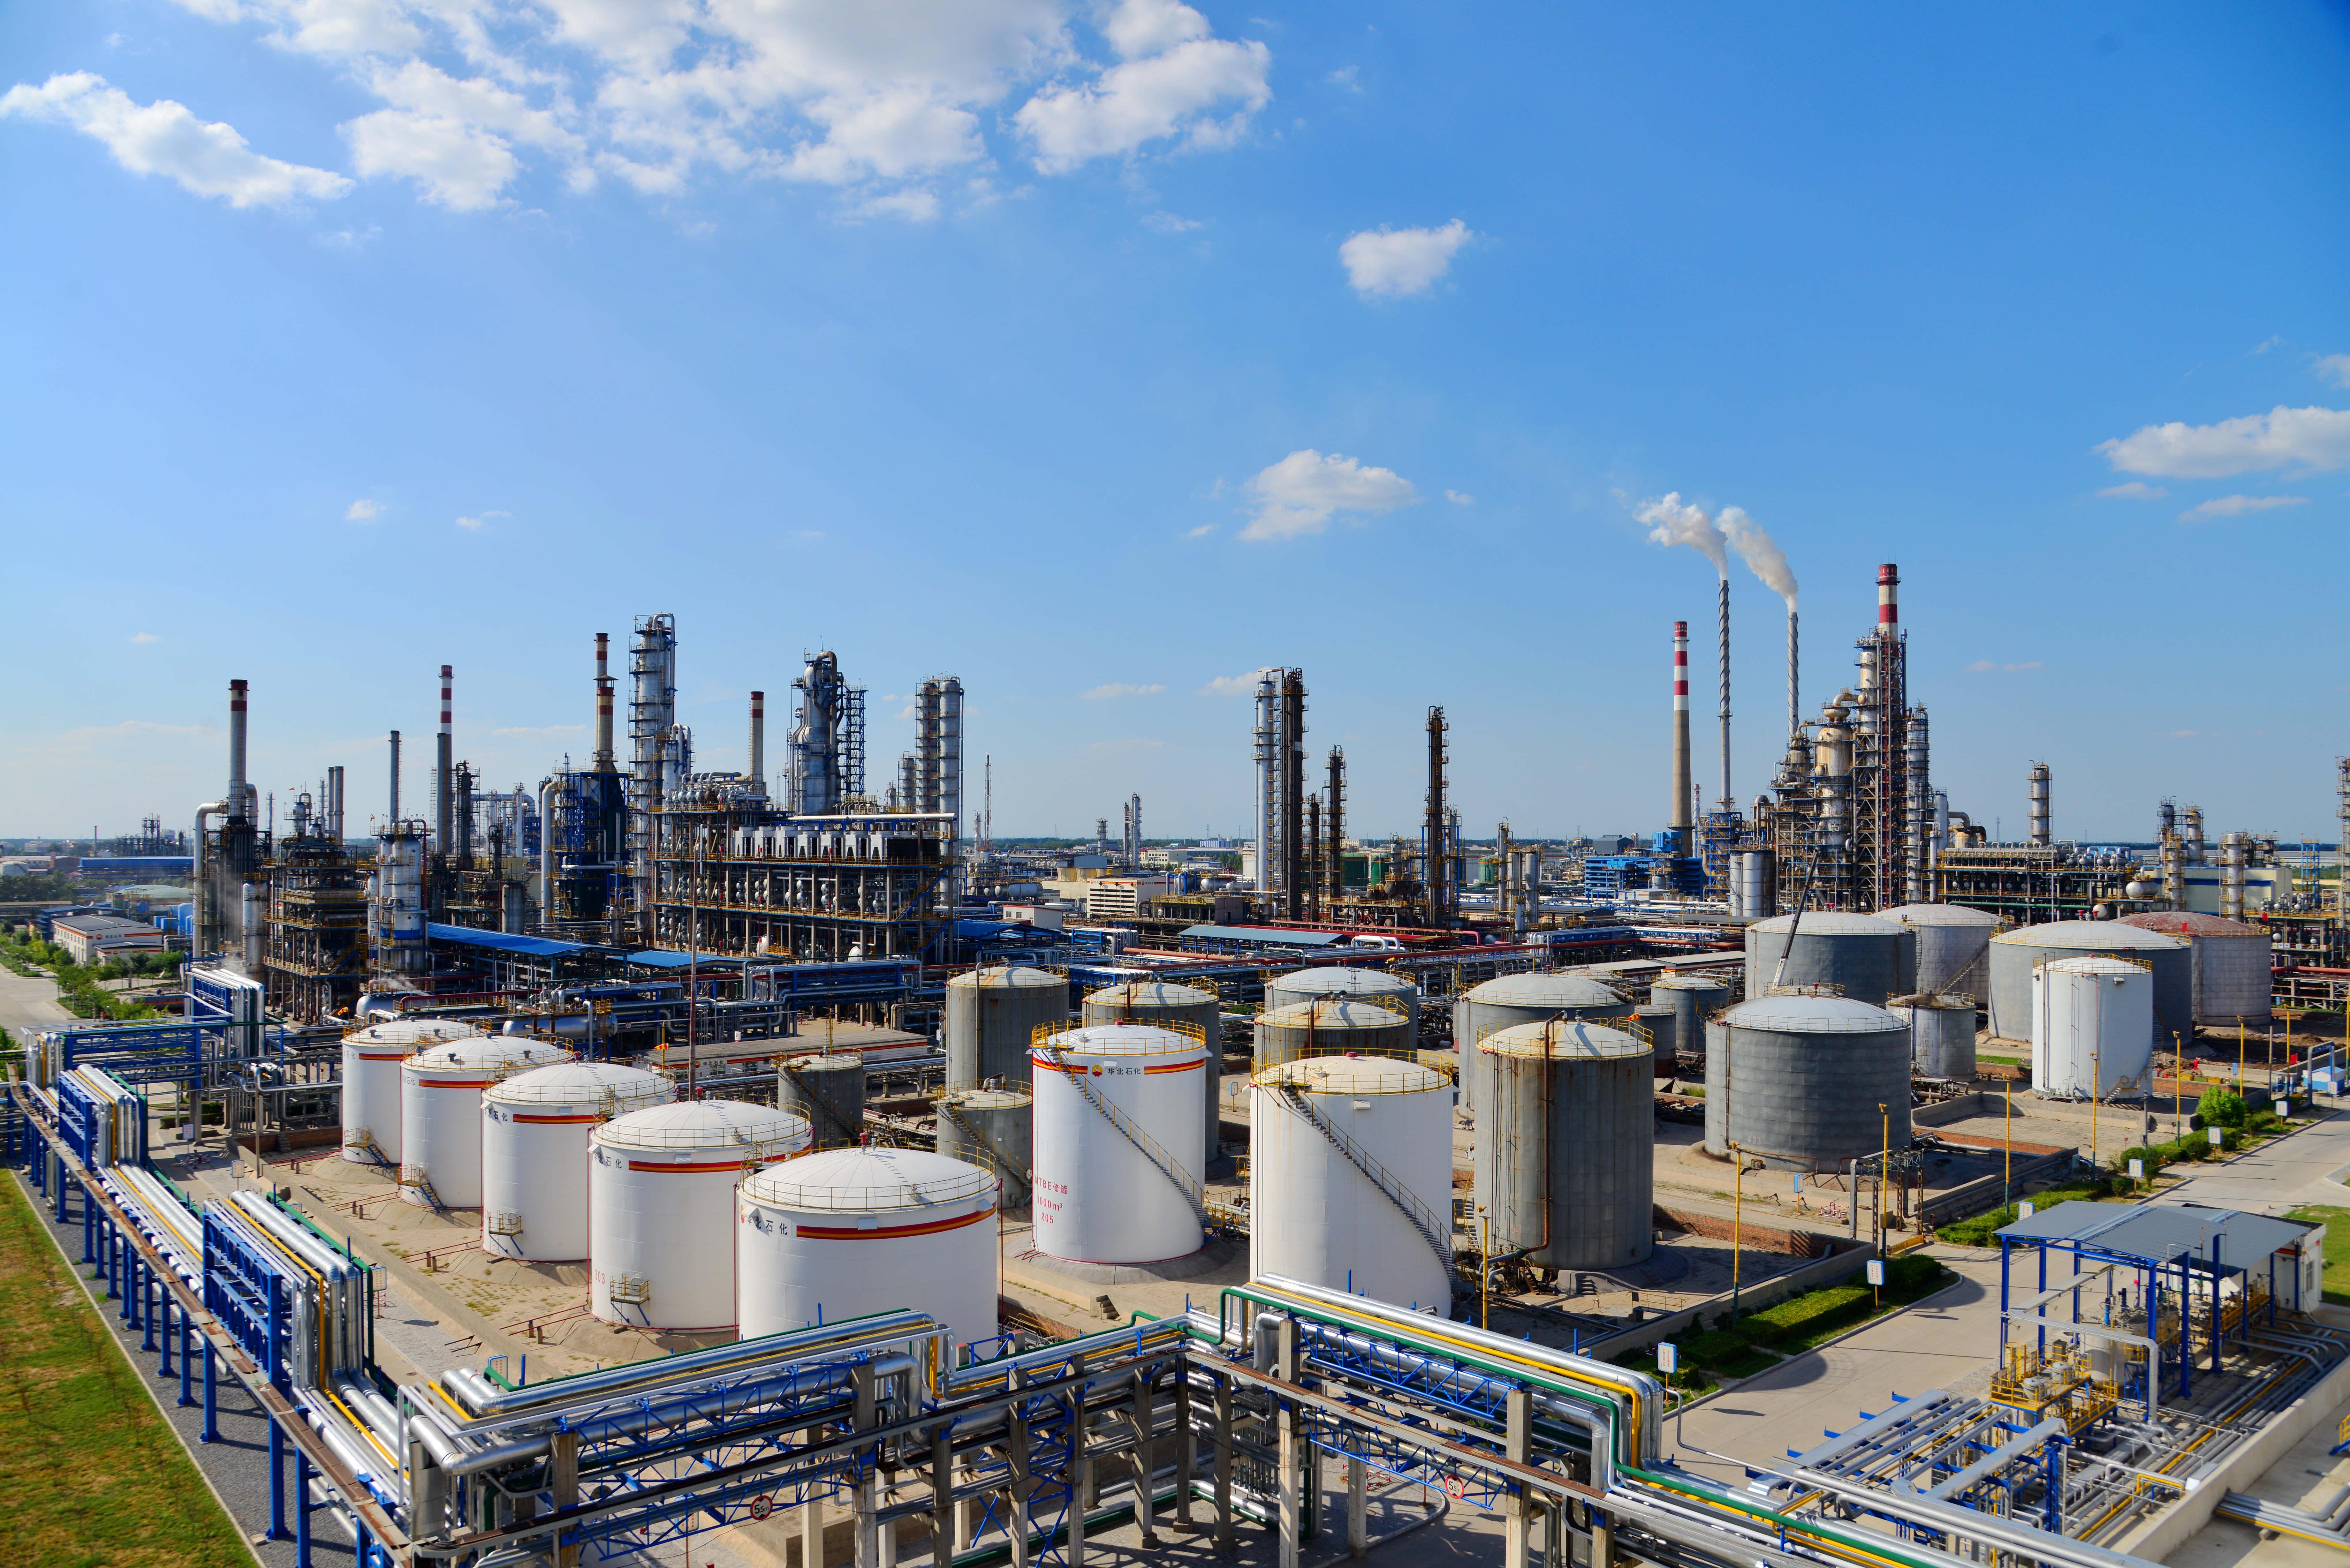 华北石化——油品质量升级永远领先一步